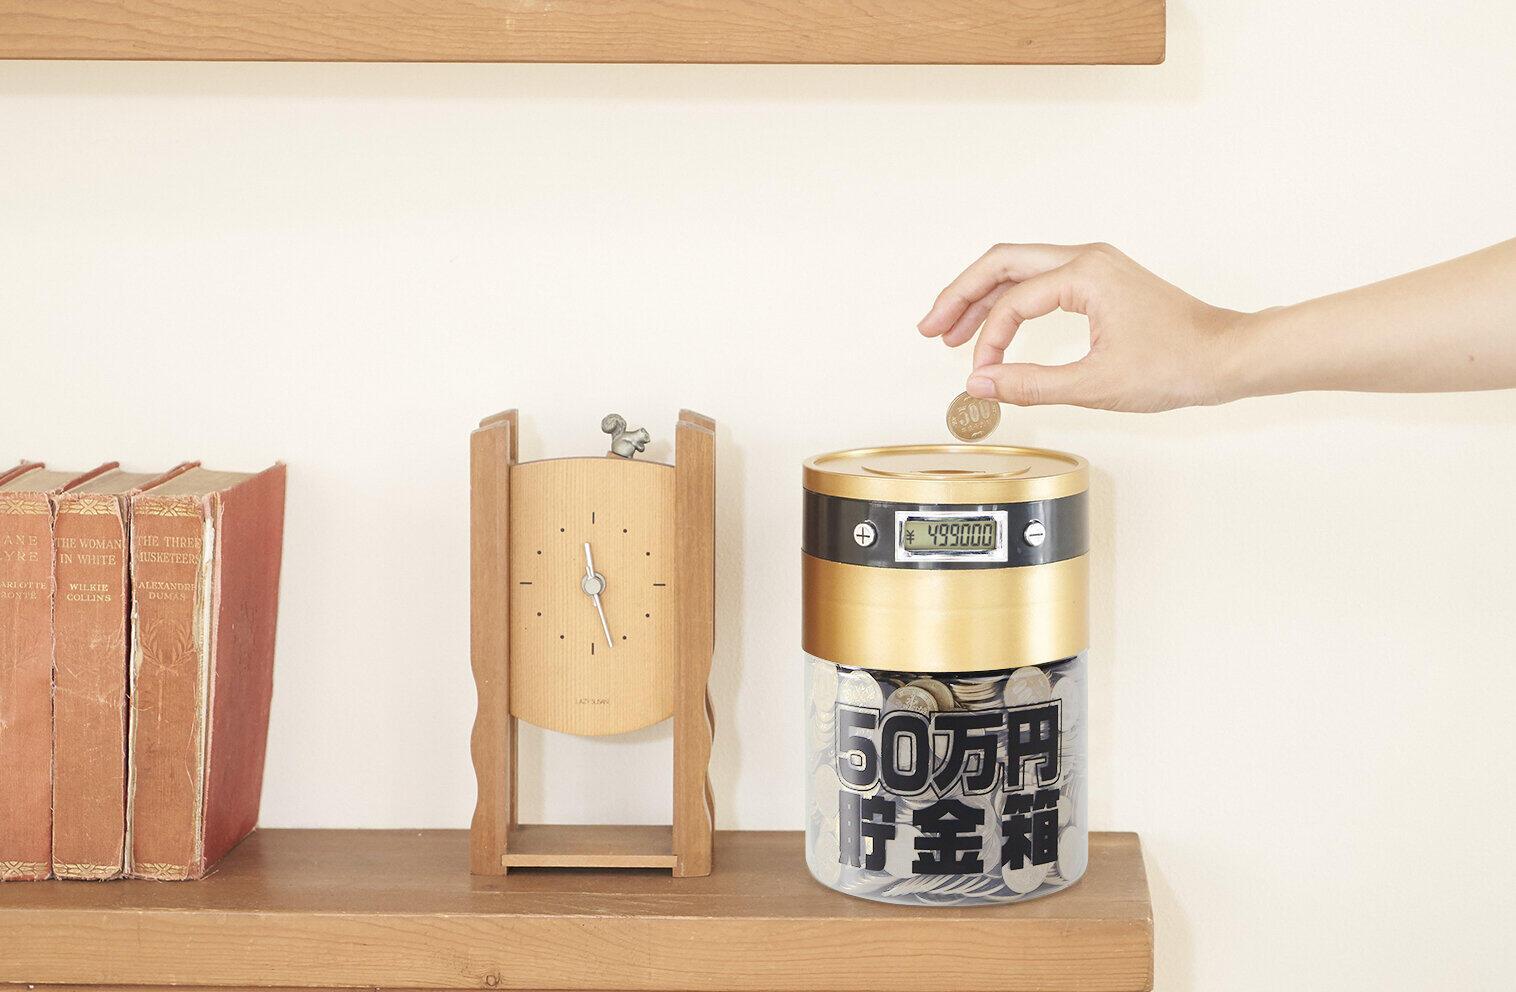 合計額を自動計算し表示 貯金箱「50万円貯まるカウントバンク」